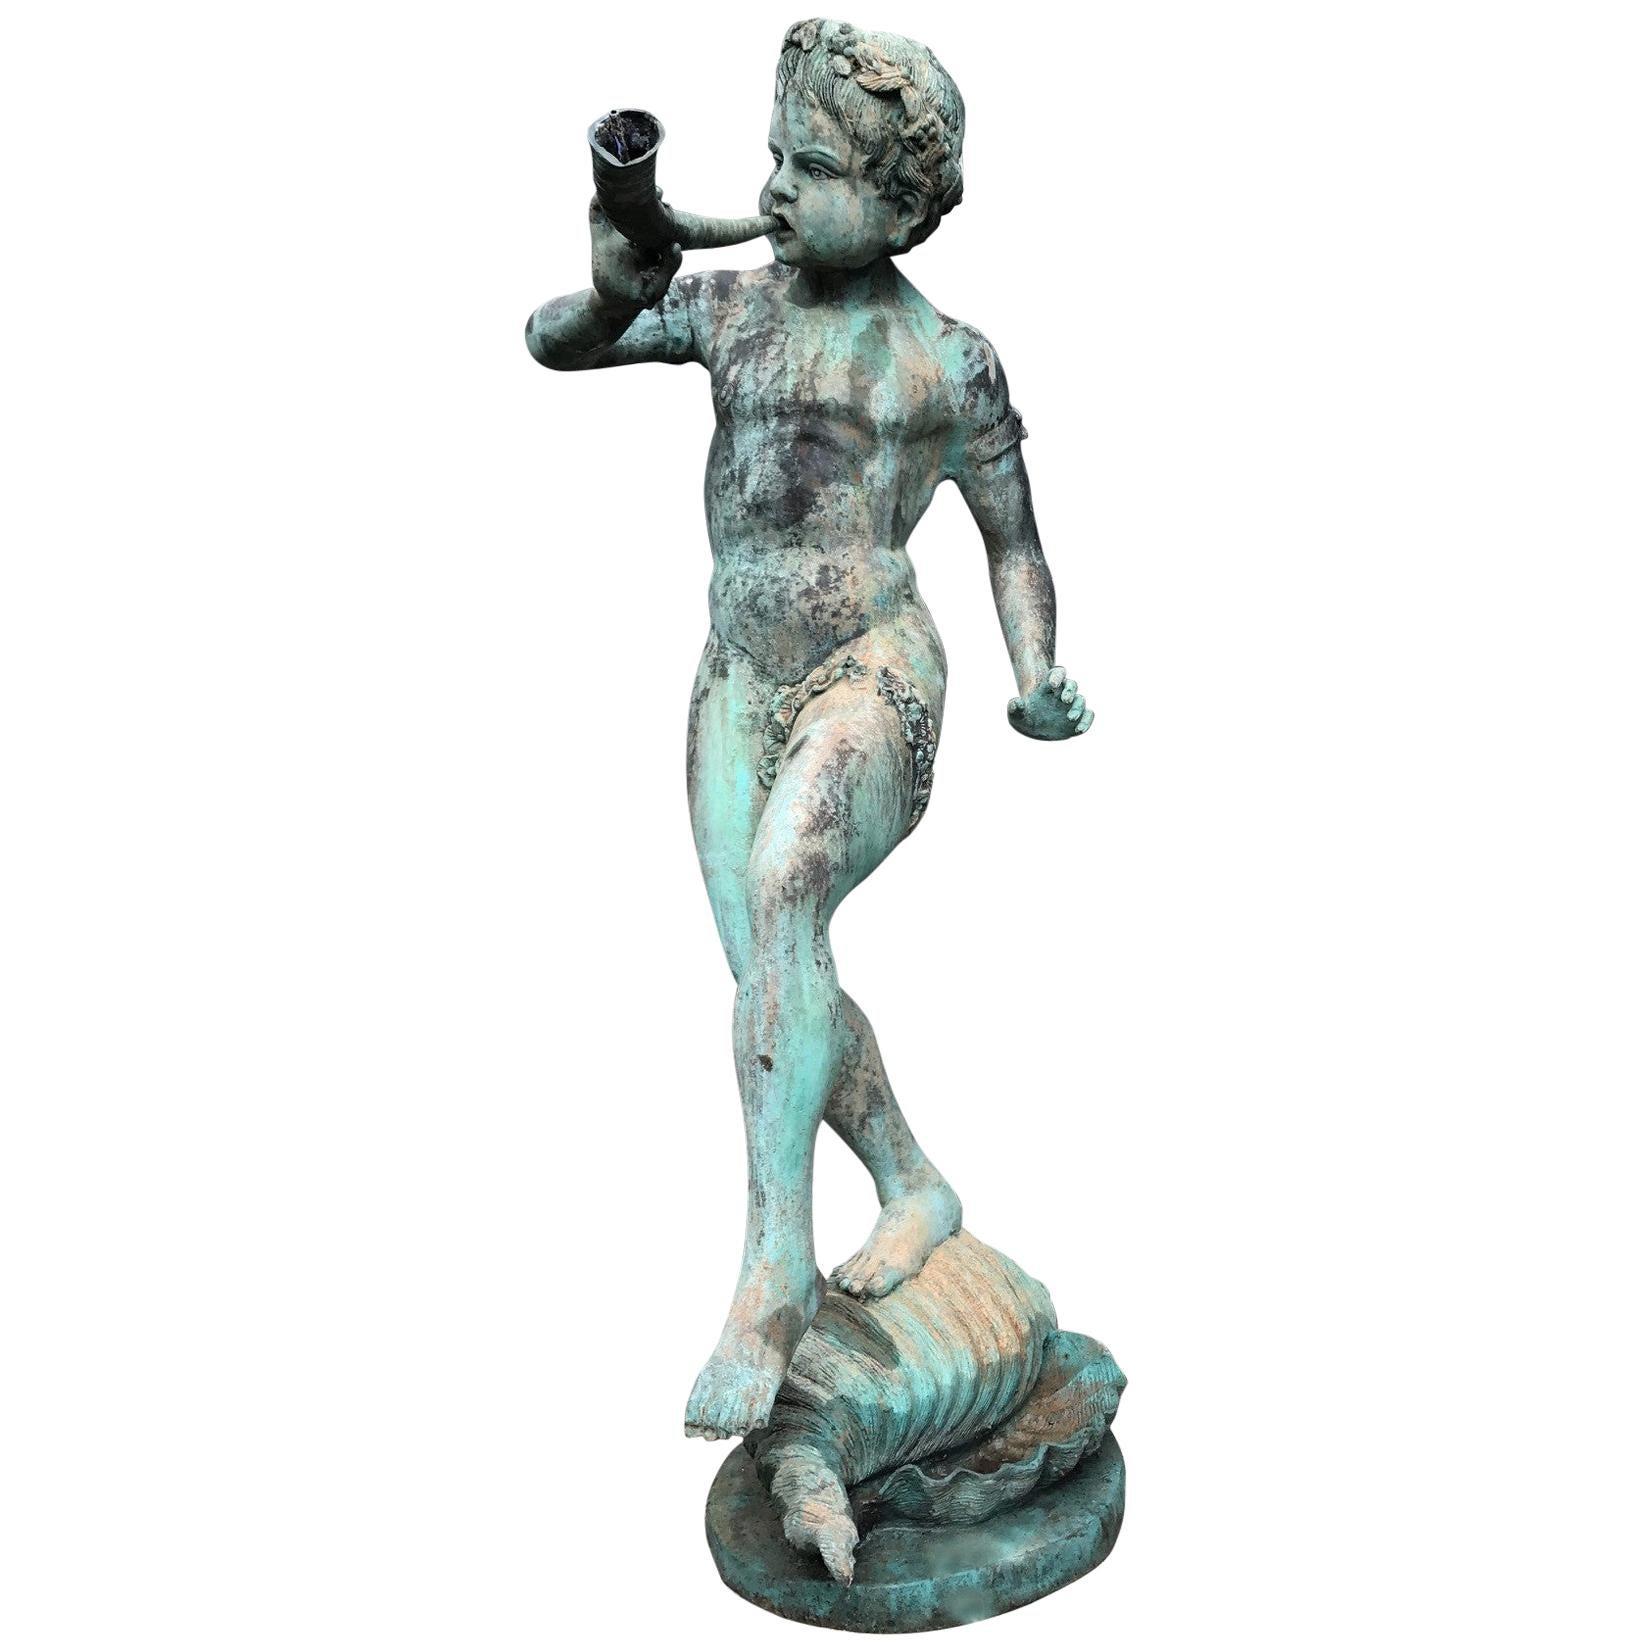 19th Century Bronze Statue Center Fountain Decorative Garden Ornament Spout  La